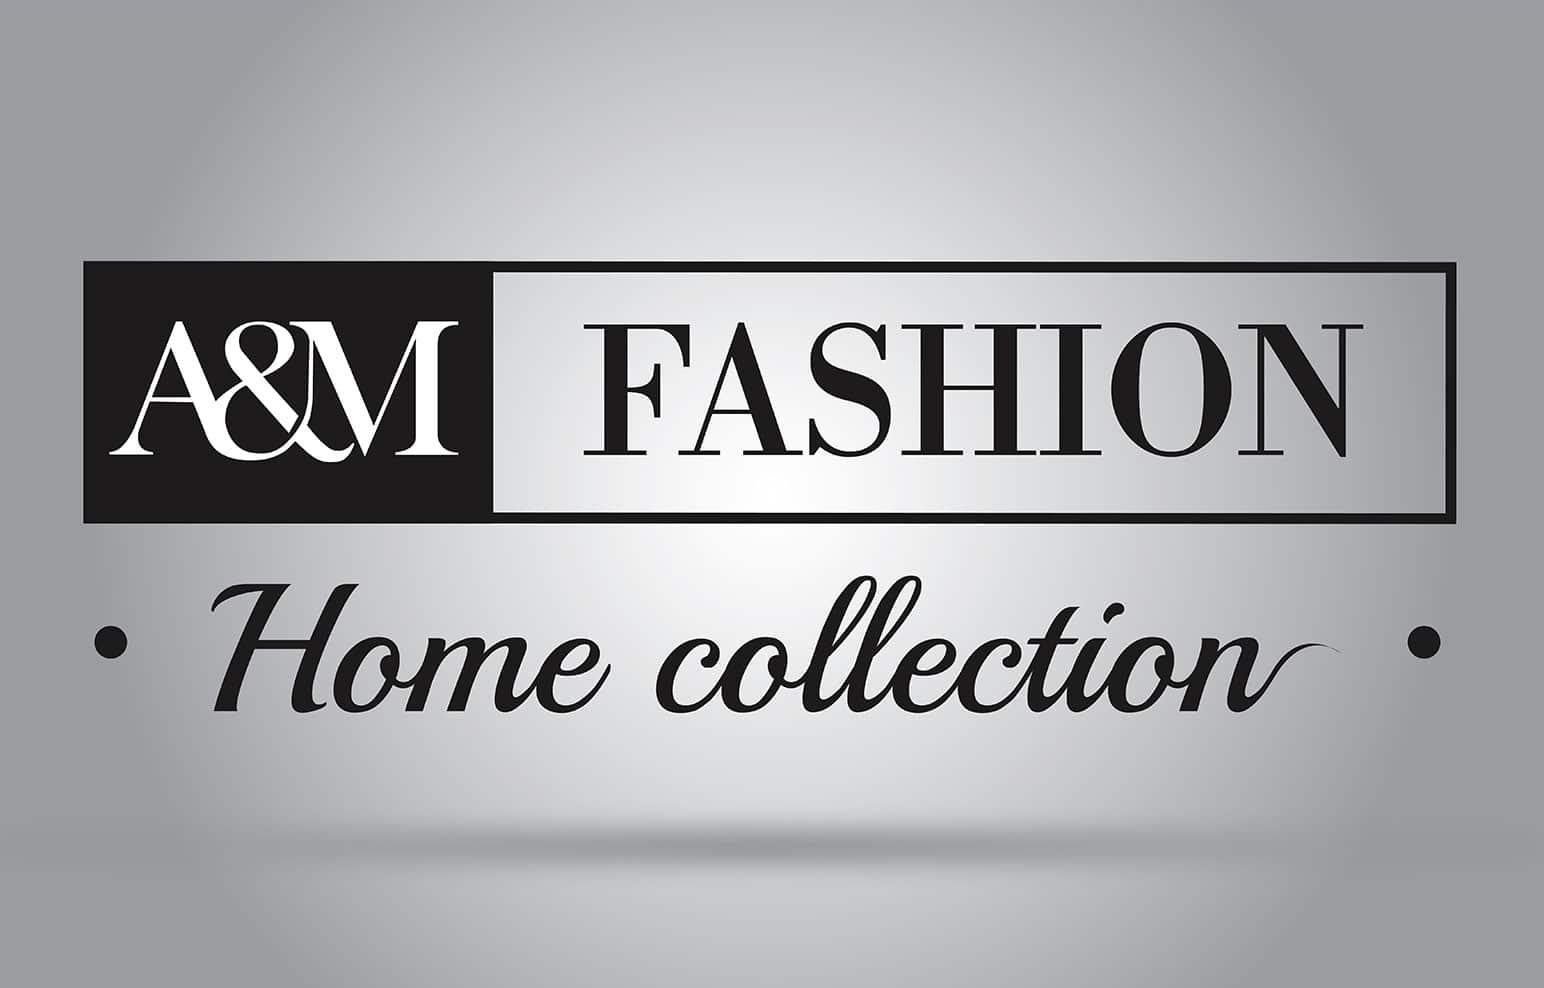 Logo iskreirano za kompanijata A&M Fashion, Лого искреирано за компанијата A&M Fashion